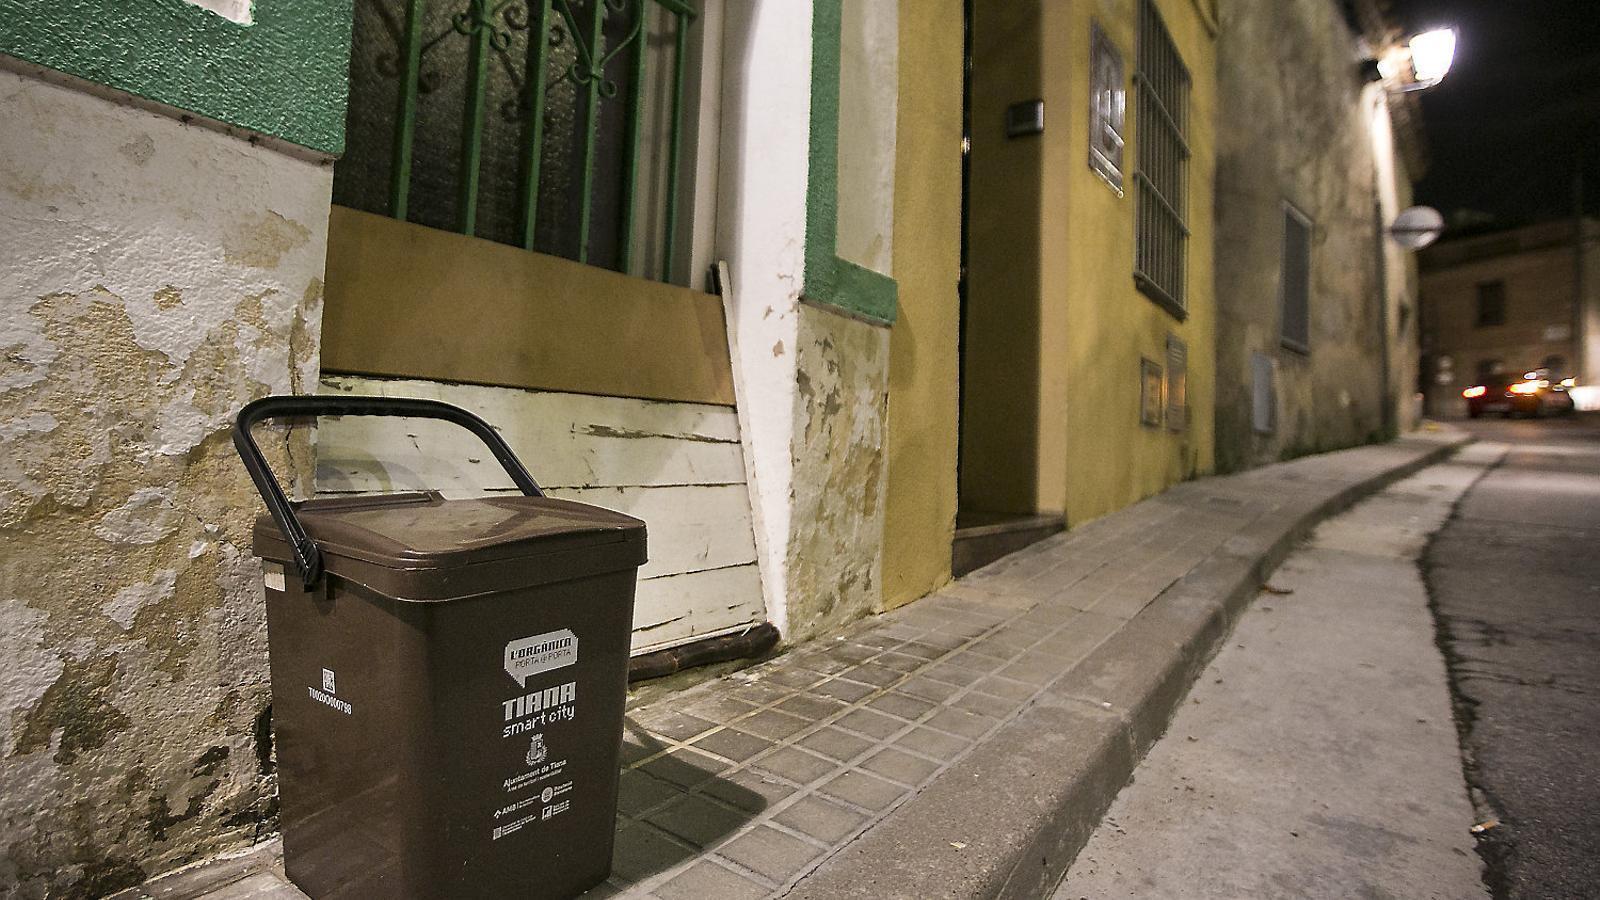 Els veïns de Tiana poden treure la fracció orgànica quatre dies a la setmana perquè la reculli el servei de neteja.